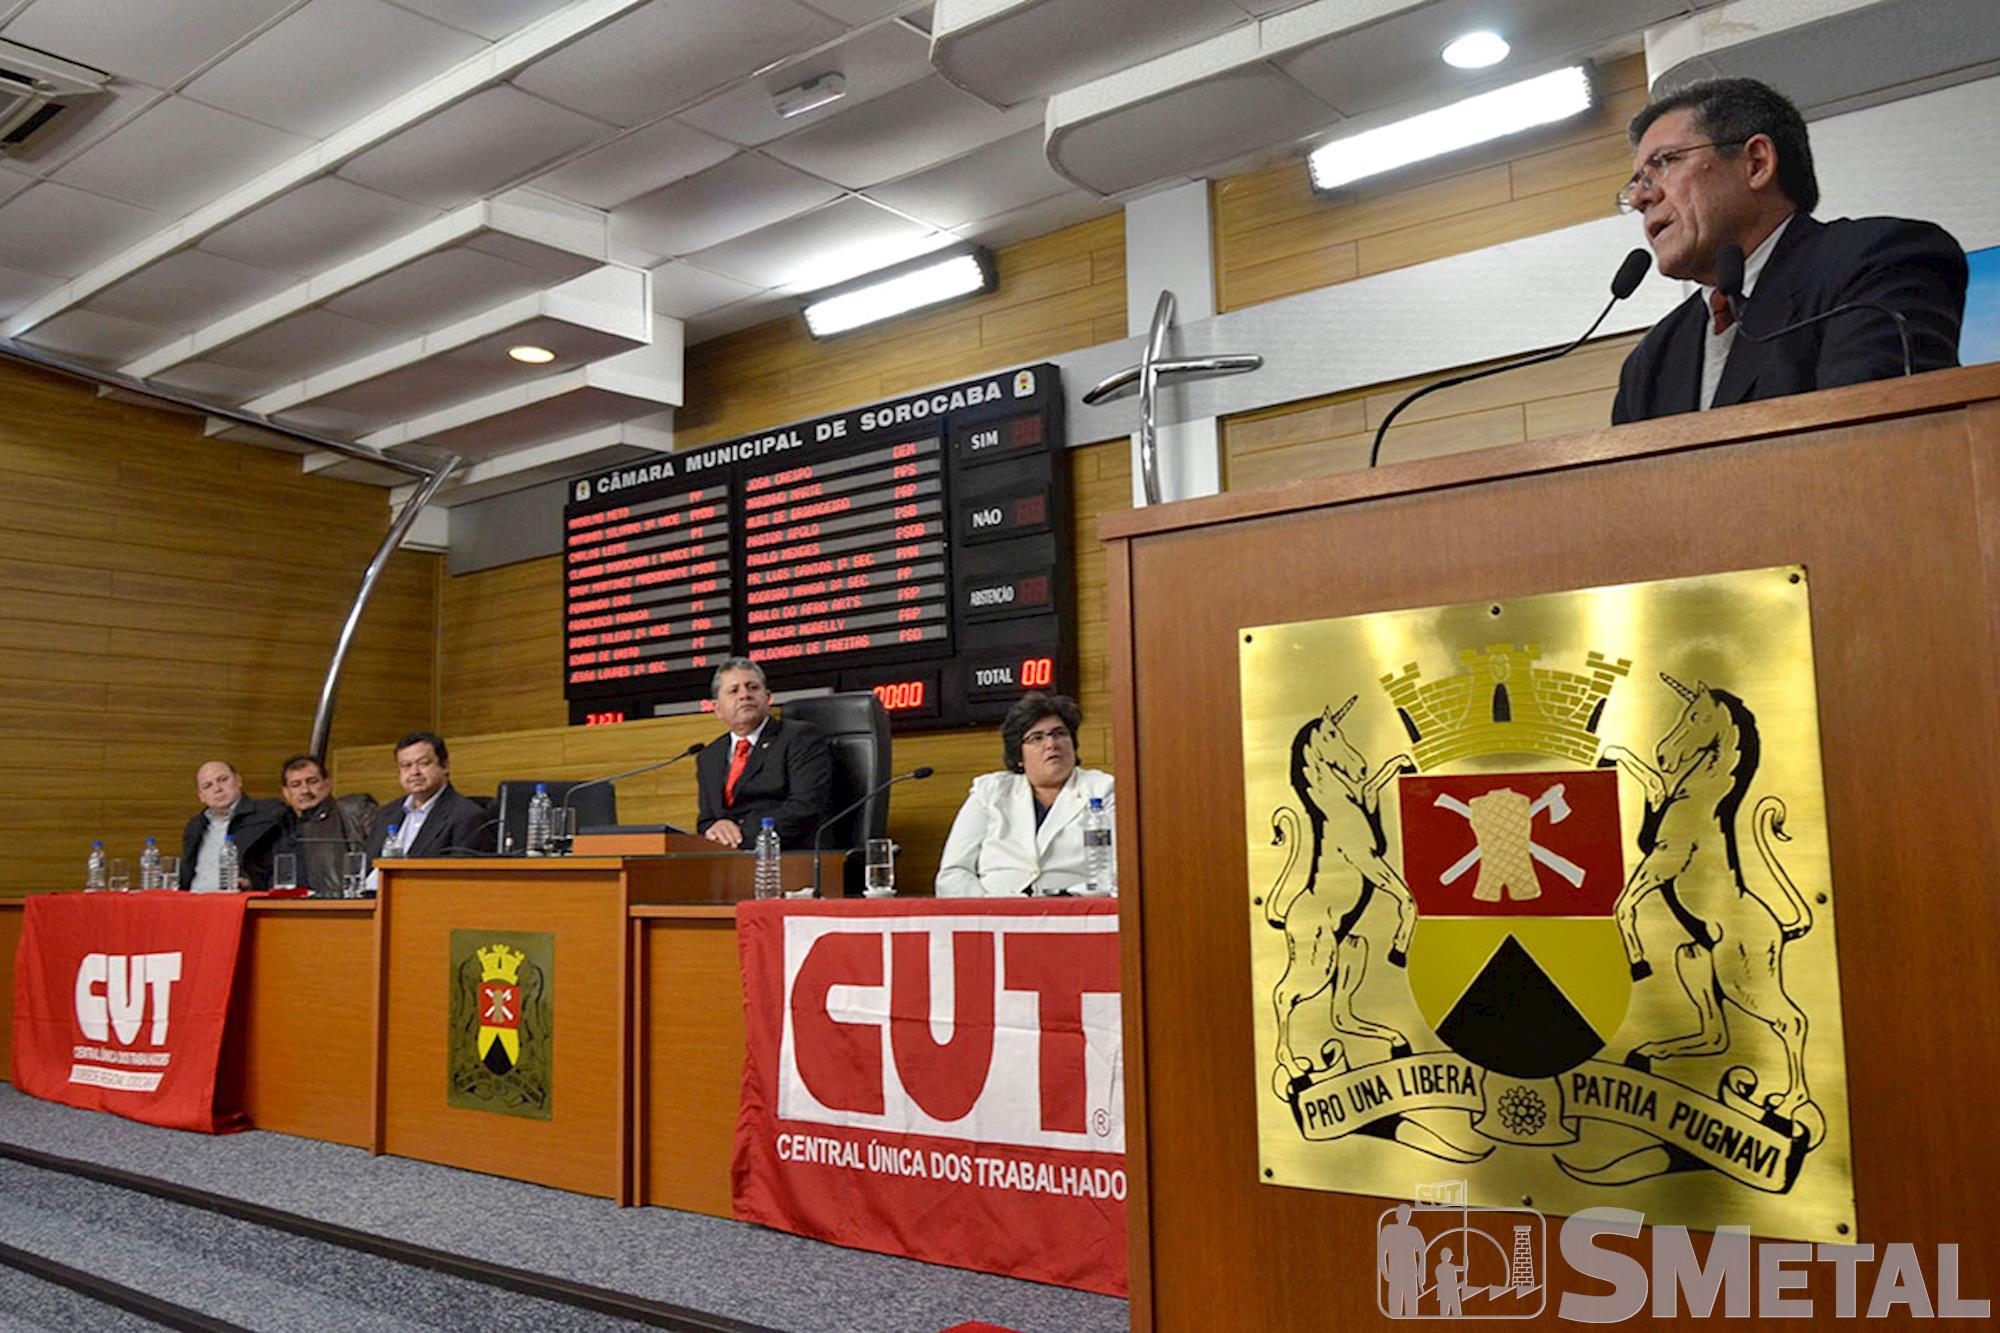 Em seu discurso,  o deputado Hamilton lembrou que da atuação da CUT em defesa da democracia, Sessão Solene na Câmara de Sorocaba comemora 30 anos de CUT